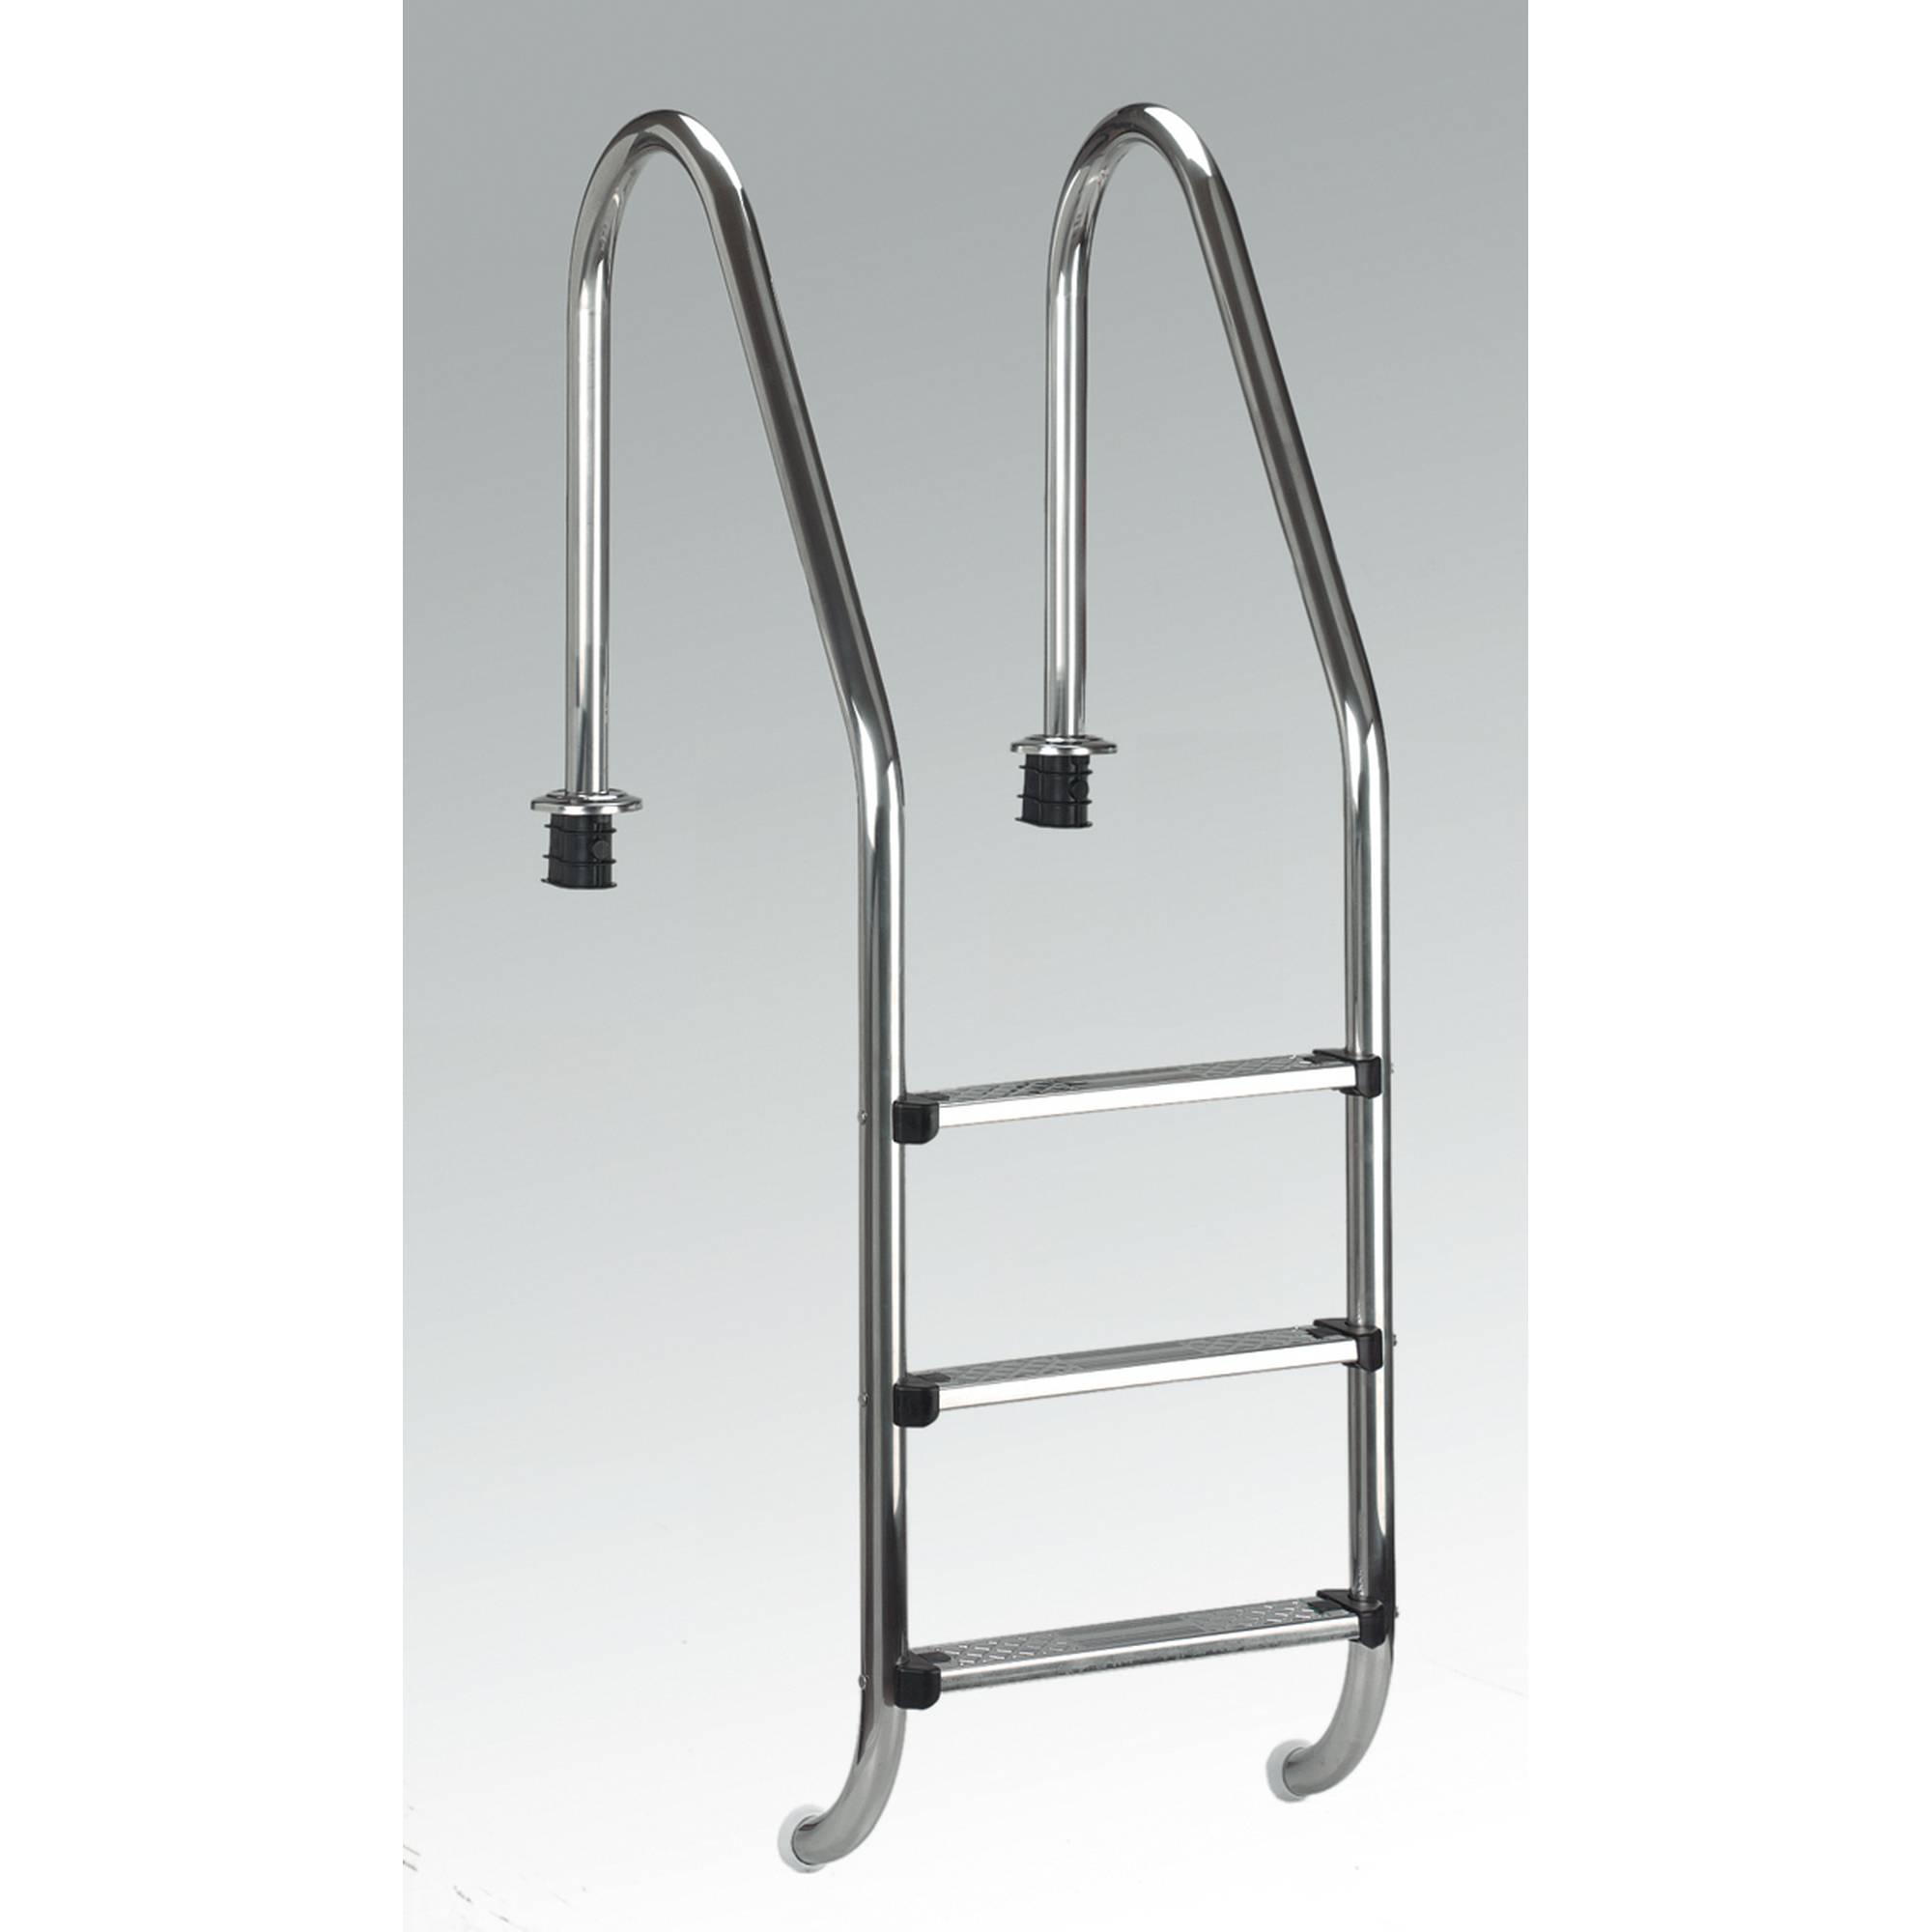 Ersatz f/ür Poolstufen f/ür Pools au/ßerhalb des Bodens rutschfestes Pedal f/ür Schwimmbad 1 Paket Schwimmbadleiter aus Edelstahl